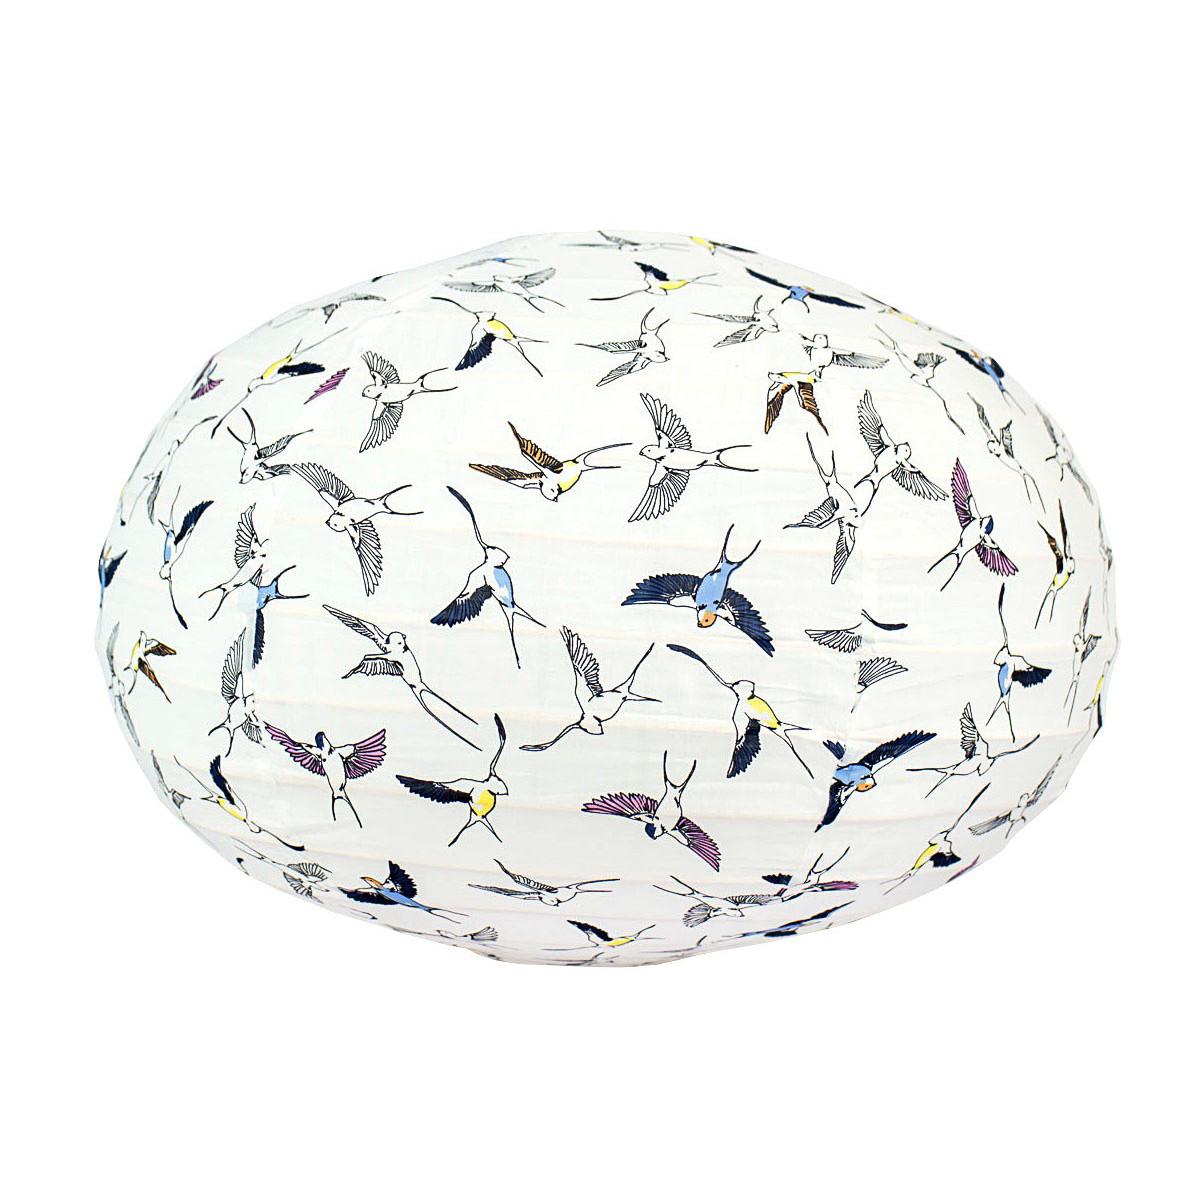 Lampion tissu boule japonaise ovale blanc et oiseaux hirondelles